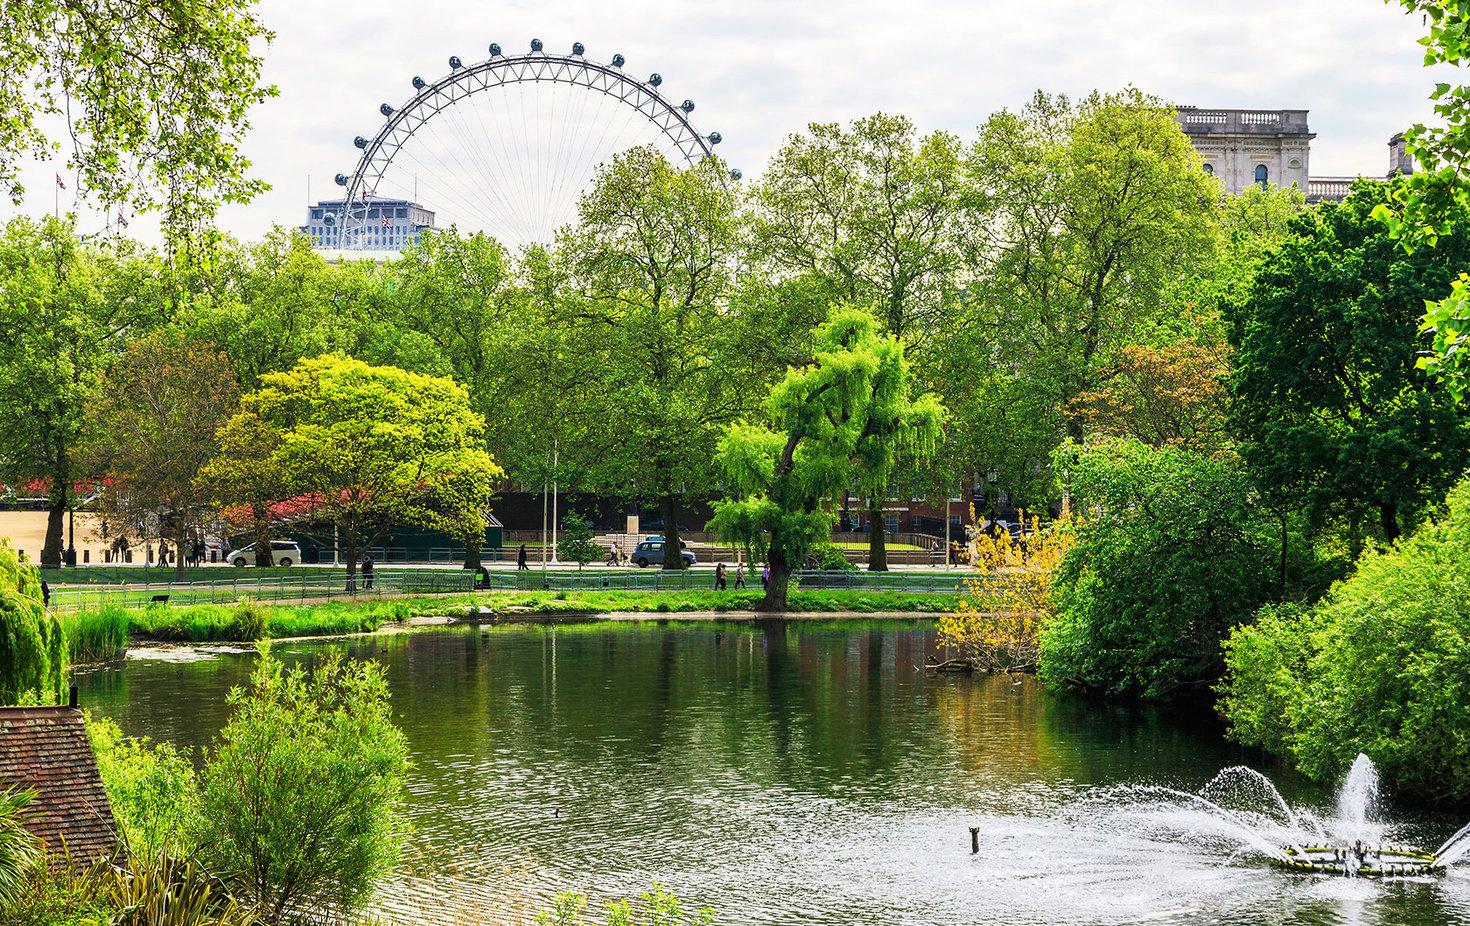 St. James's Park – A London Park with Royal Views